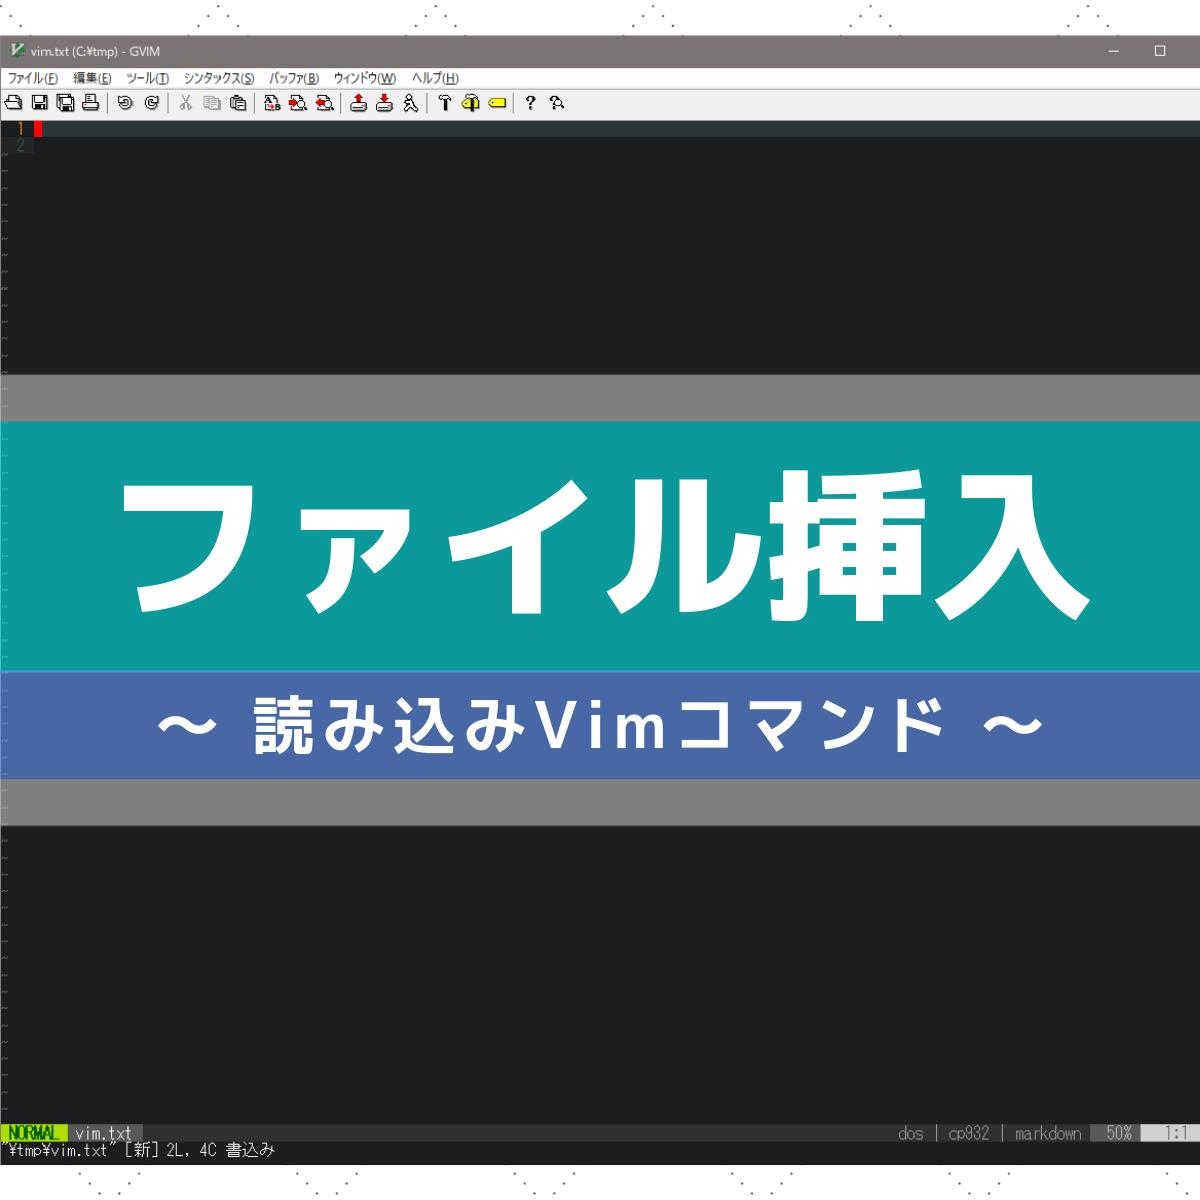 アイキャッチ:[Vim問題] ファイルを読み込んで挿入するコマンドは?